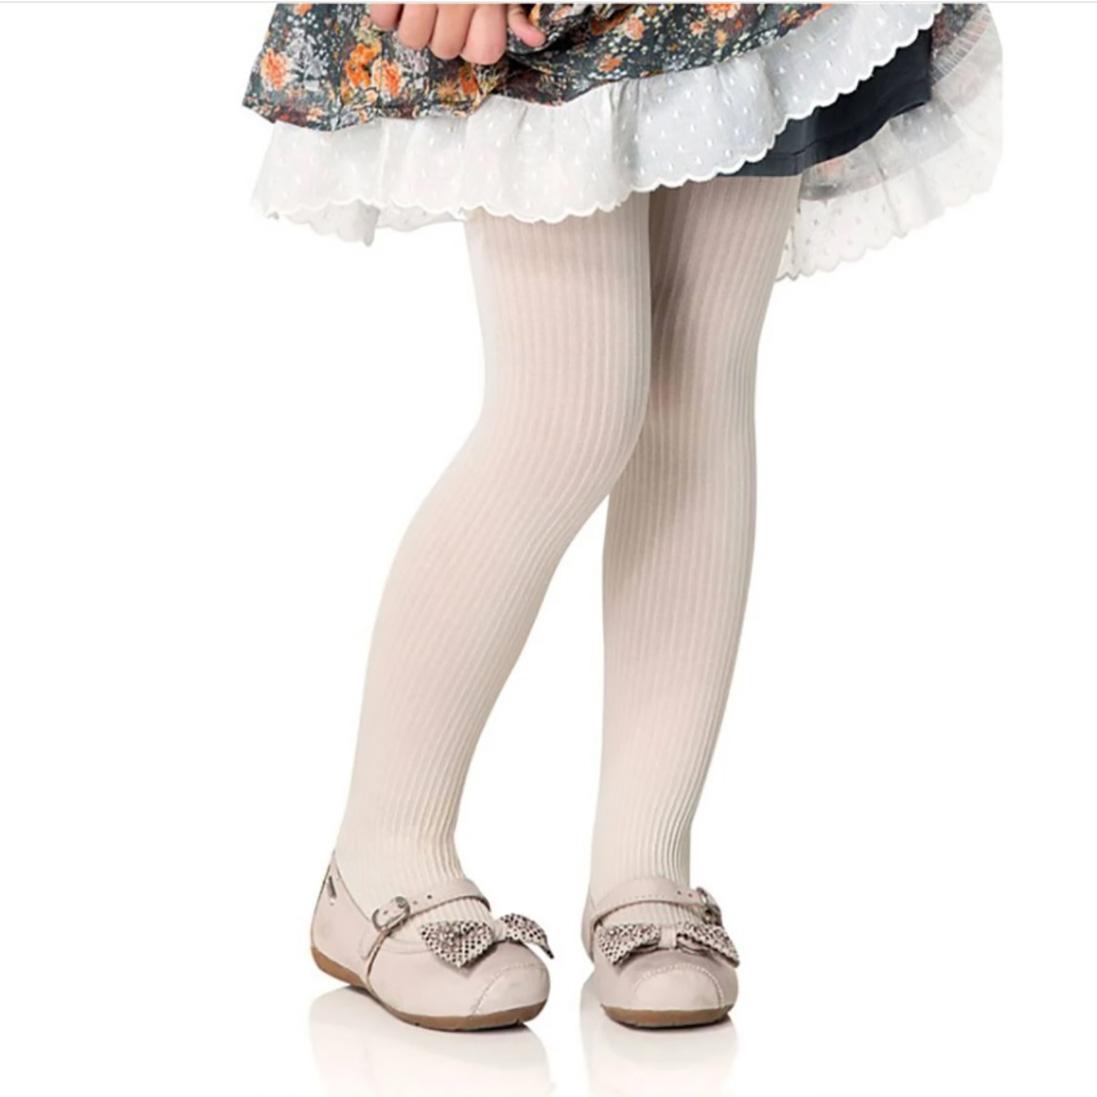 Meia Calça Fina Infantil Canelada Fio 70 Branco